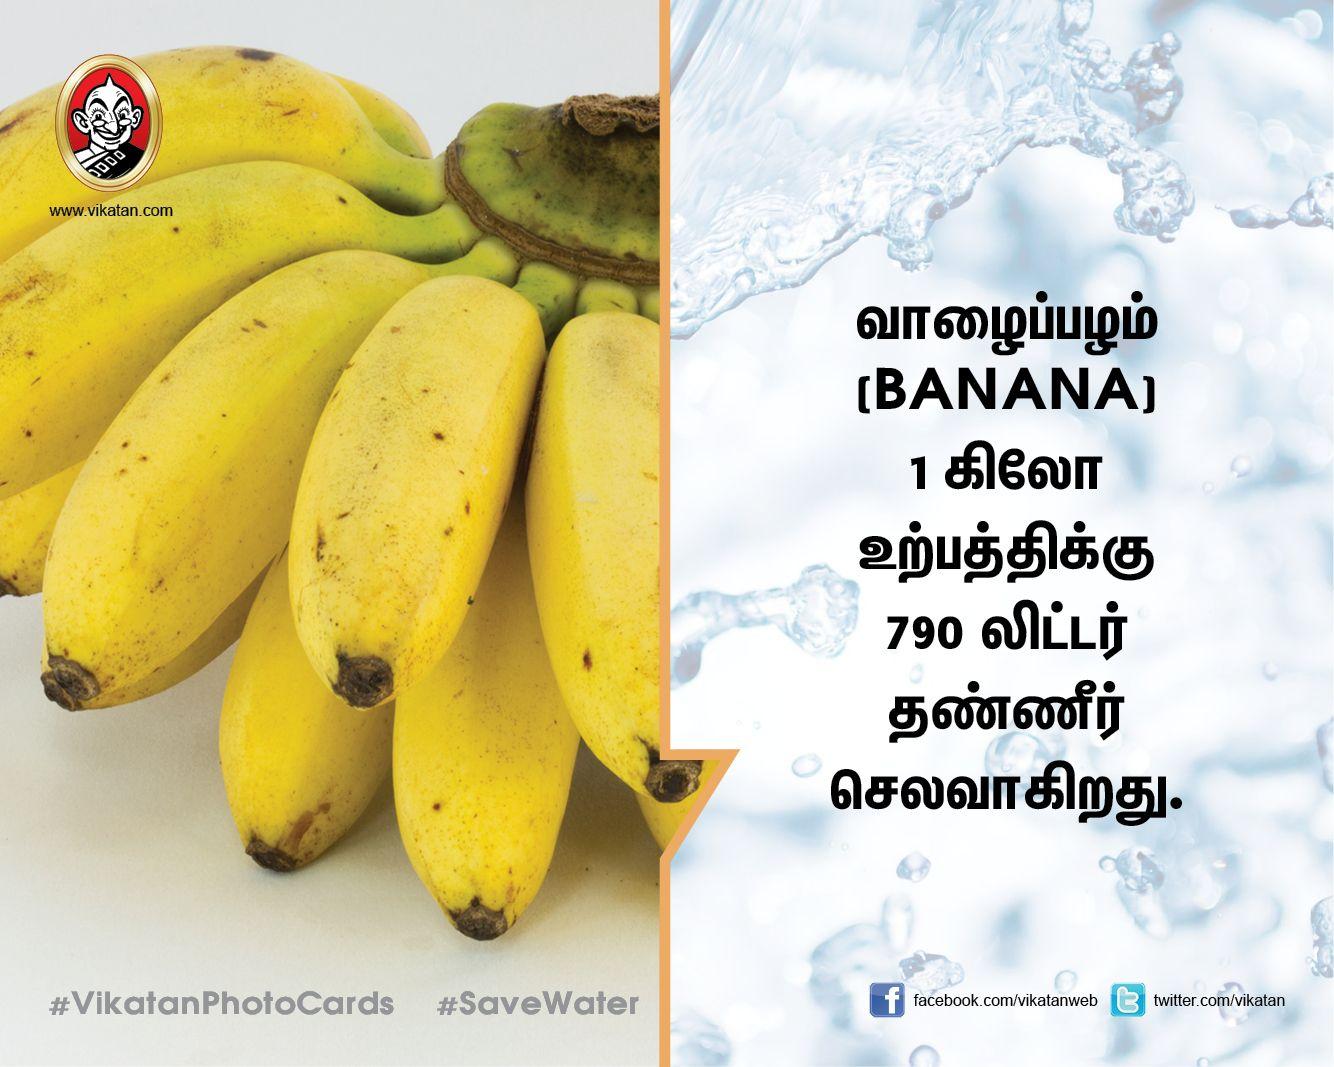 1 கப் டீ தயாரிக்க 27 லிட்டர் தண்ணீர் தேவை என்பது தெரியுமா? #VikatanPhotoCards